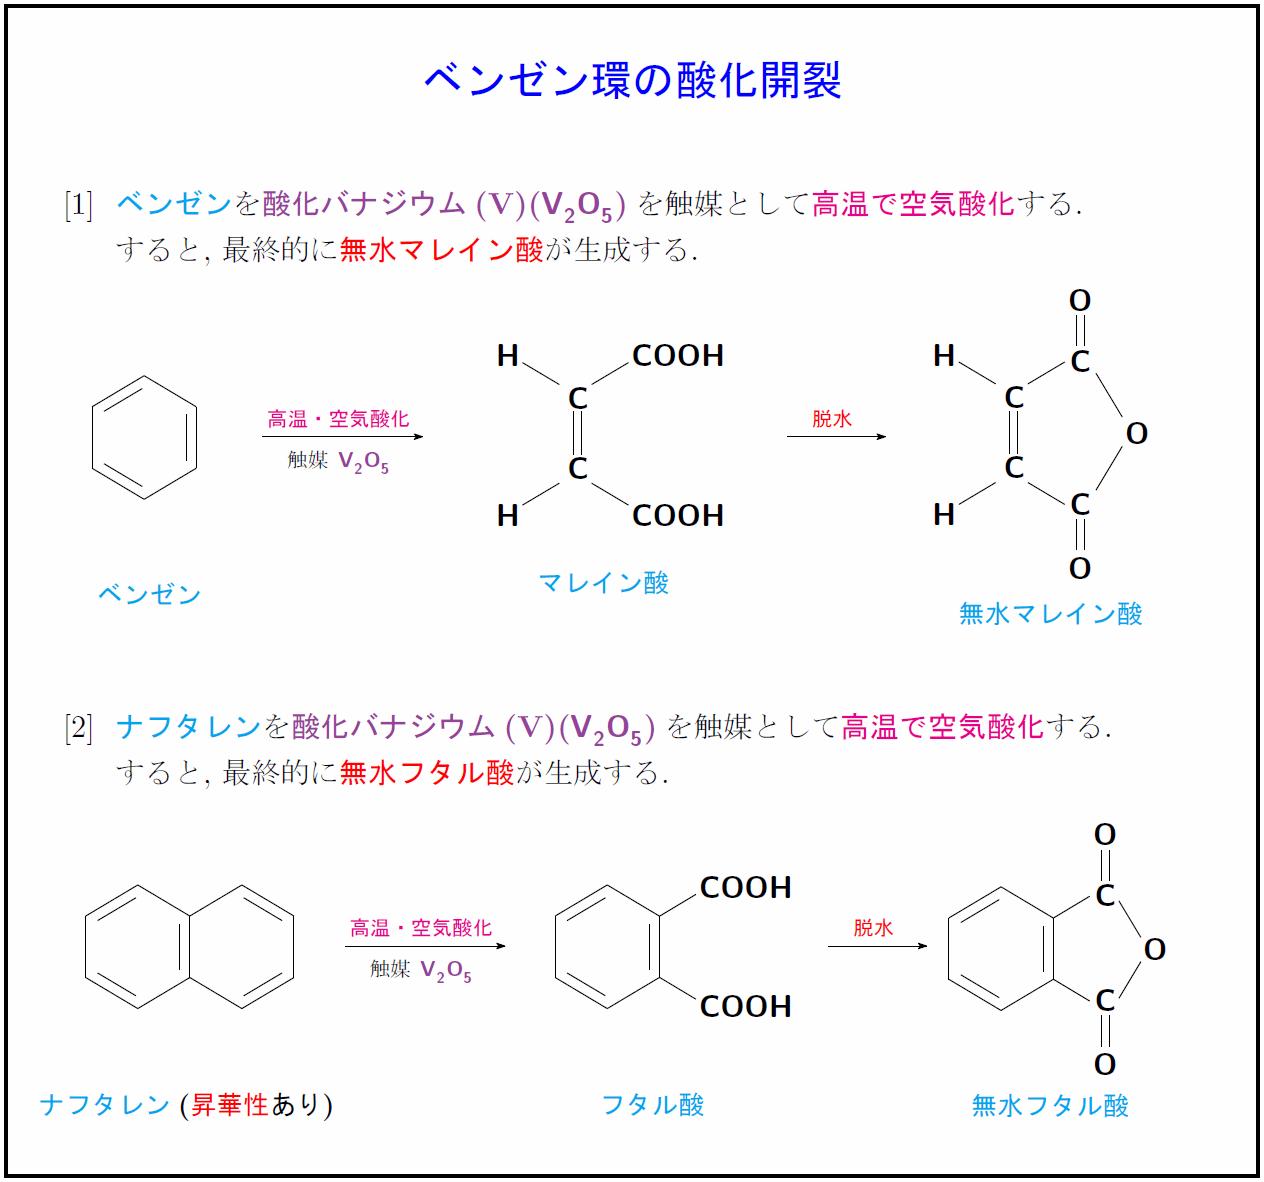 oxidative-fission